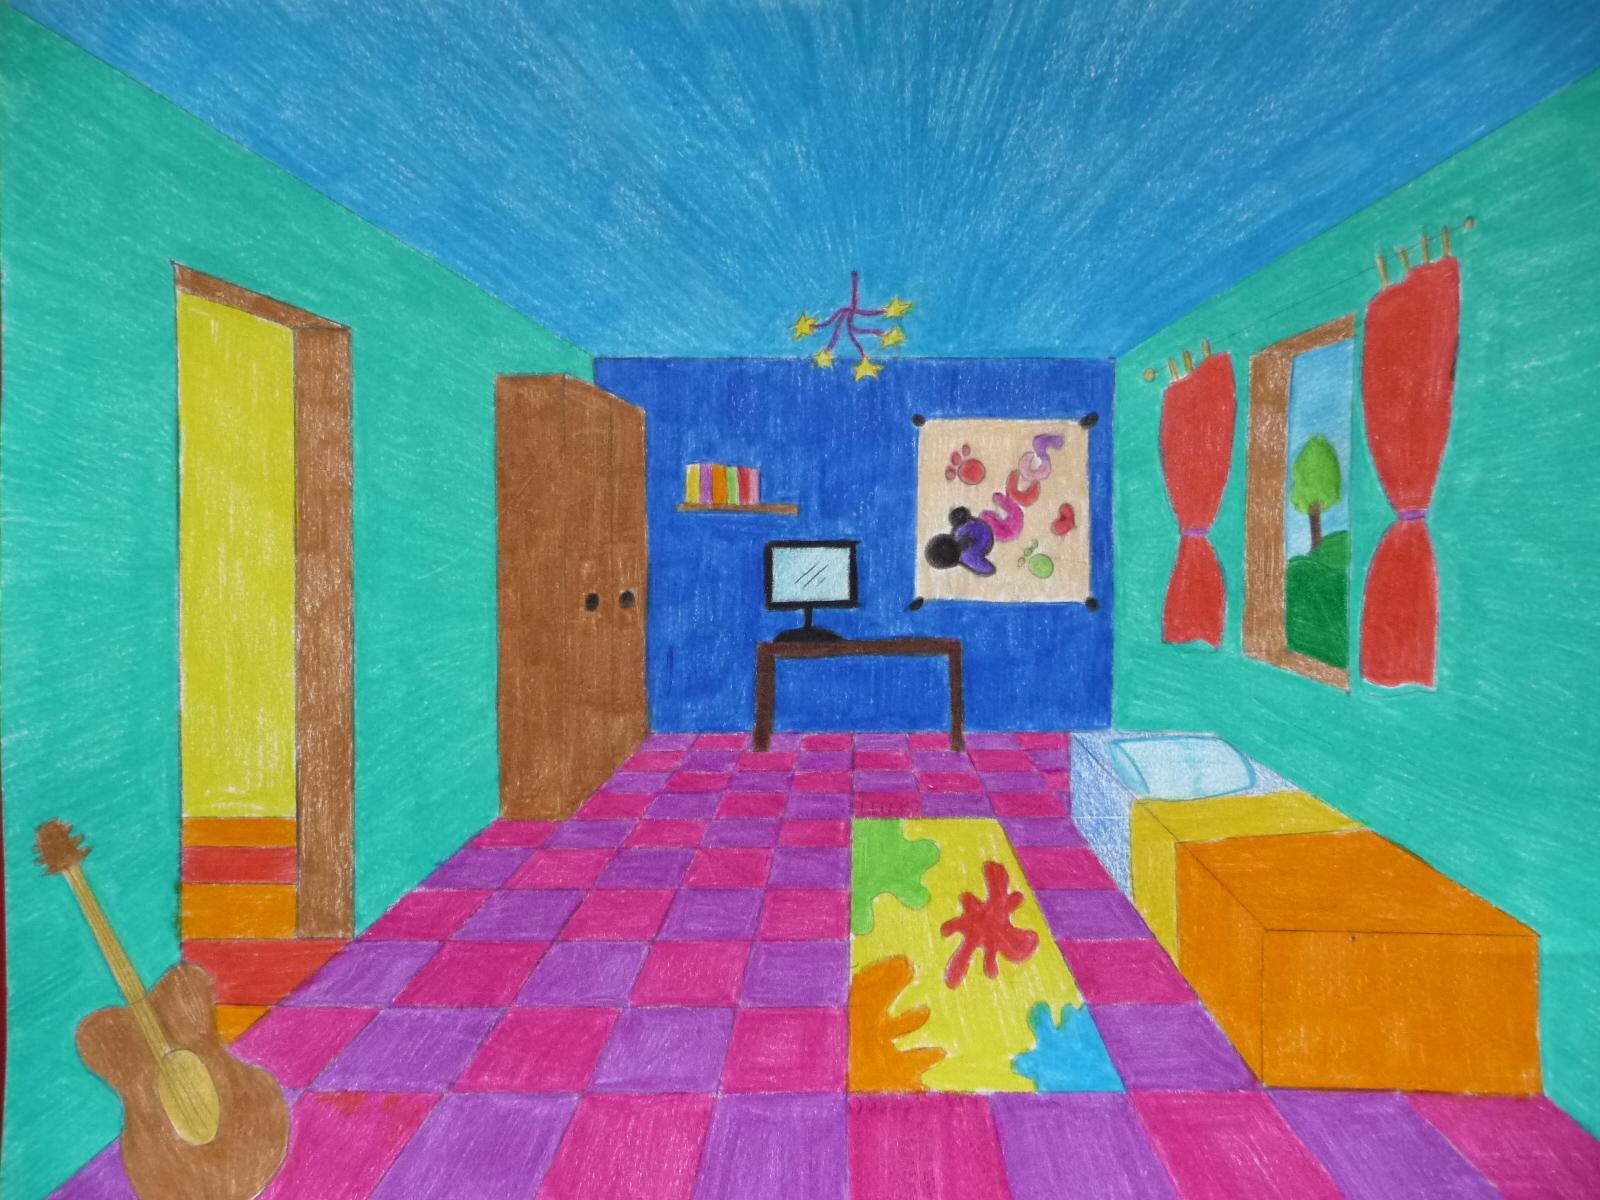 La prospettiva della stanza